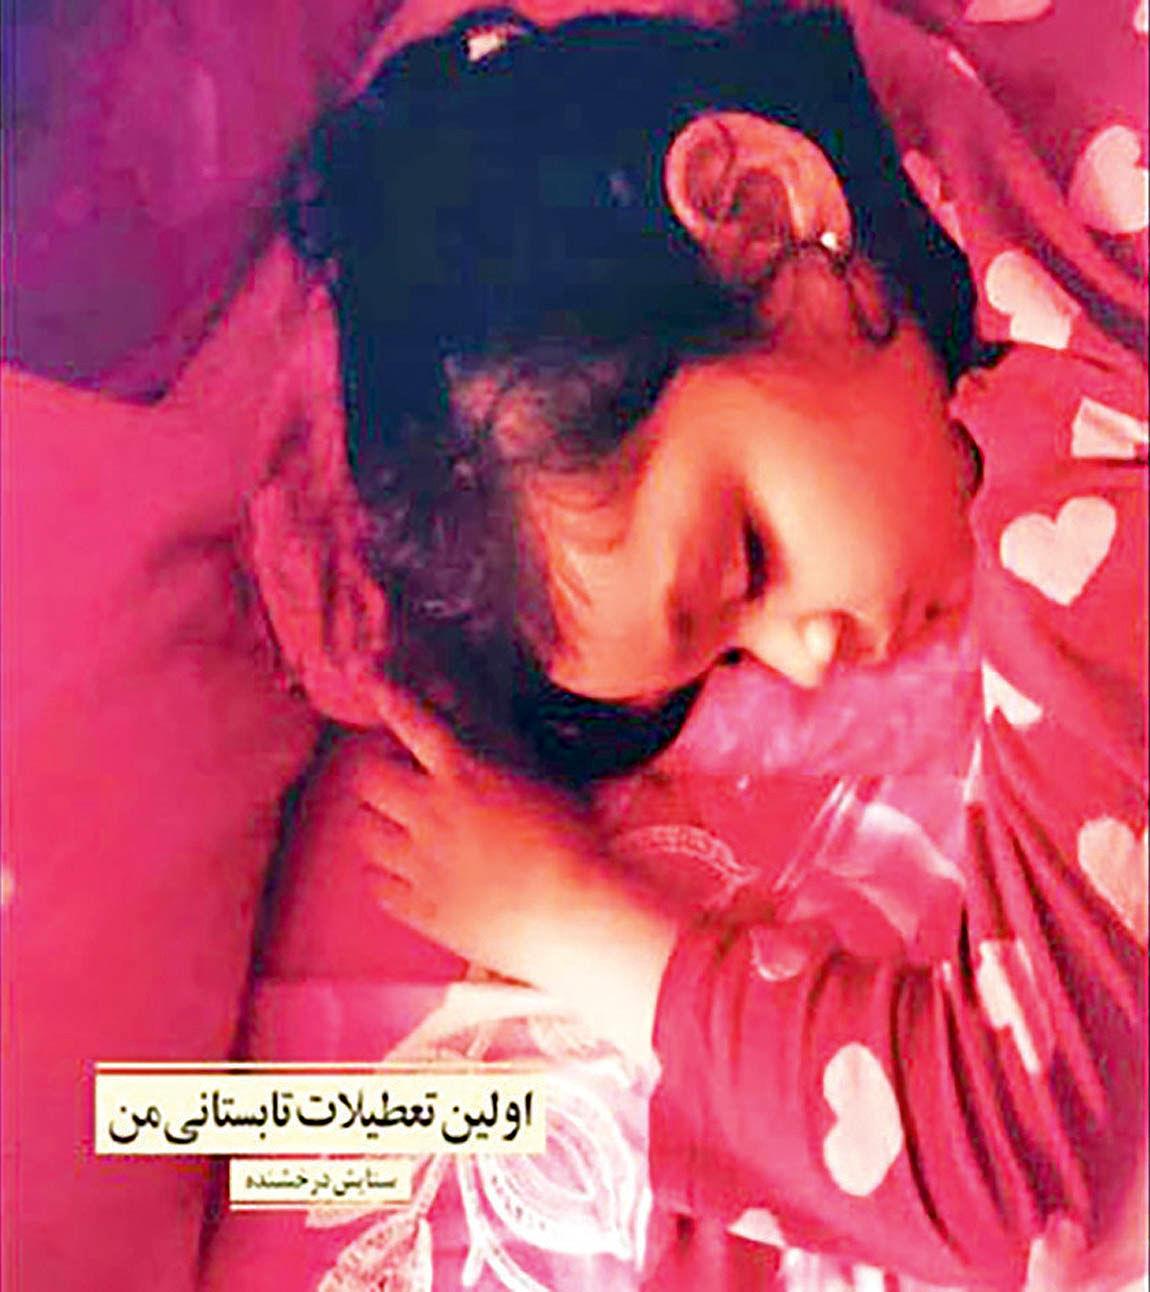 انتشار خاطرات دختر هفت ساله به نفع کودکان بیبضاعت